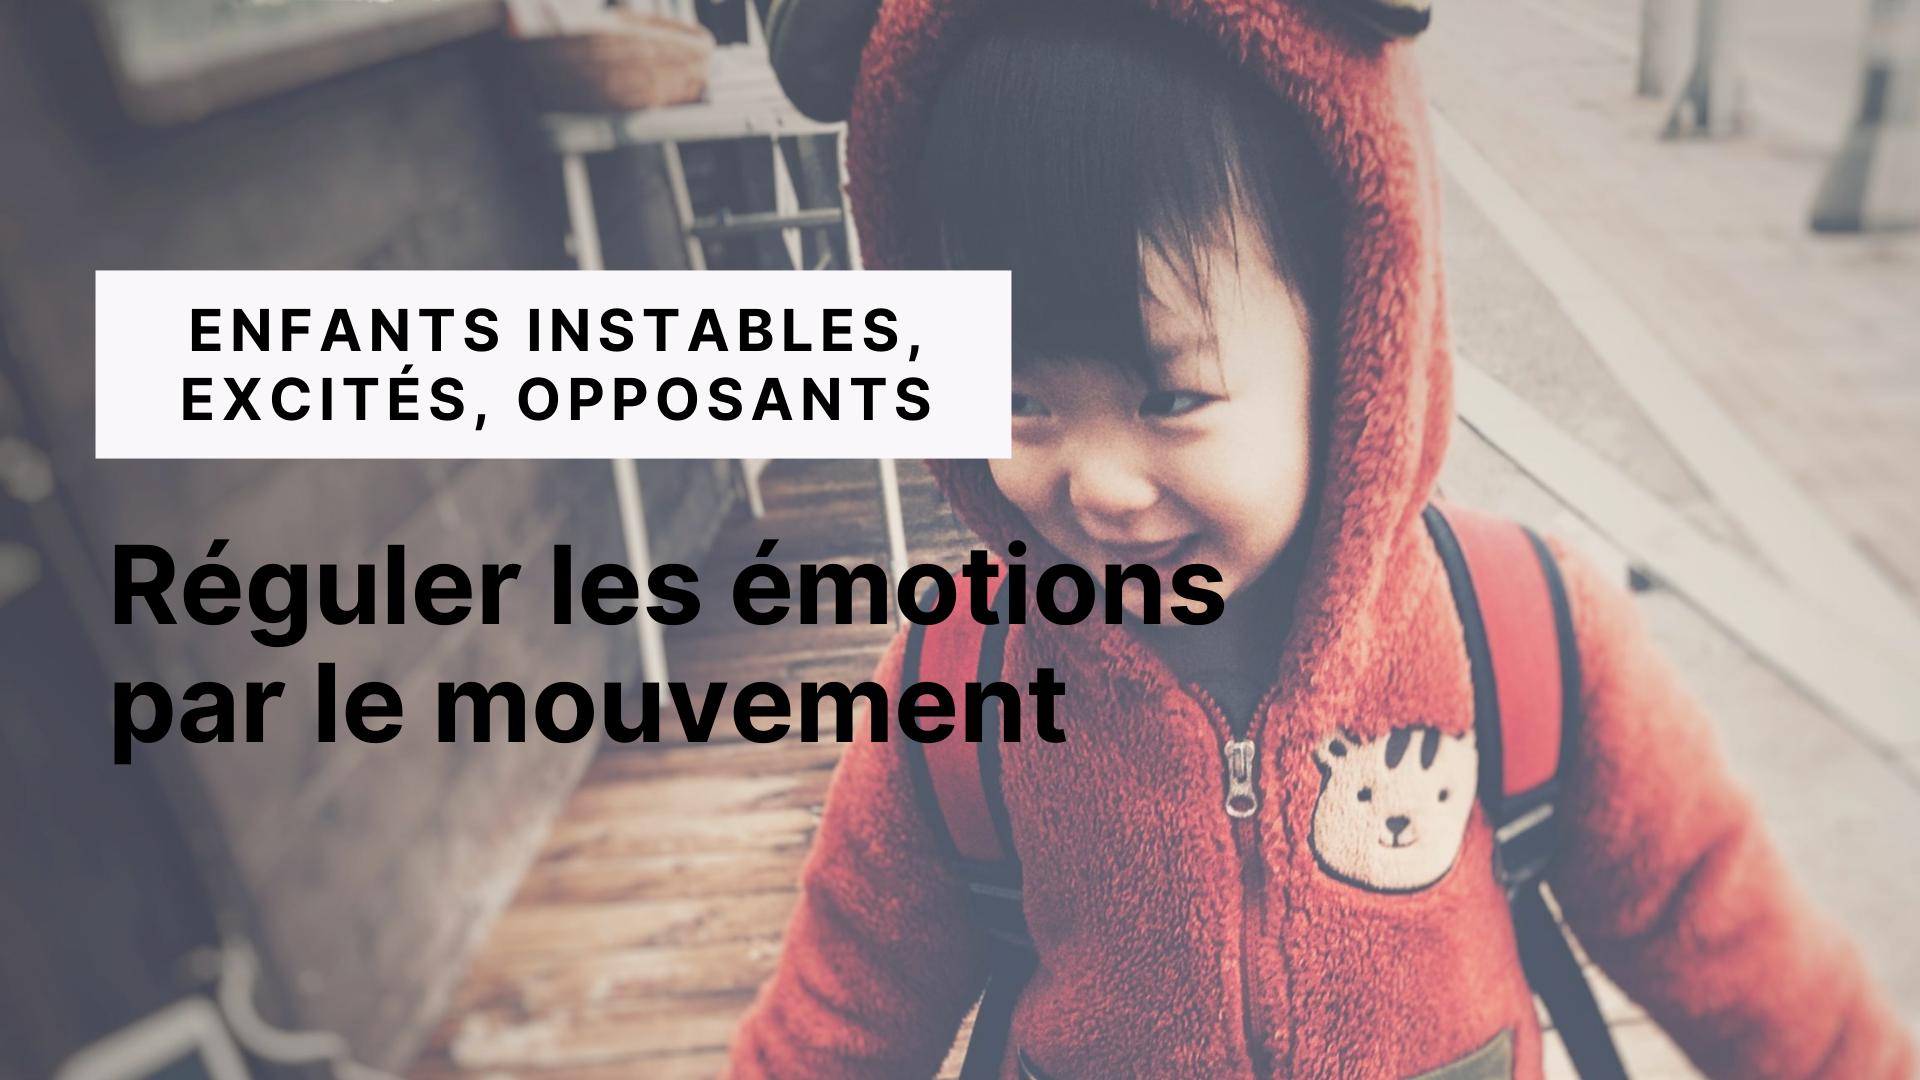 réguler-emotions-mouvement enfants excités